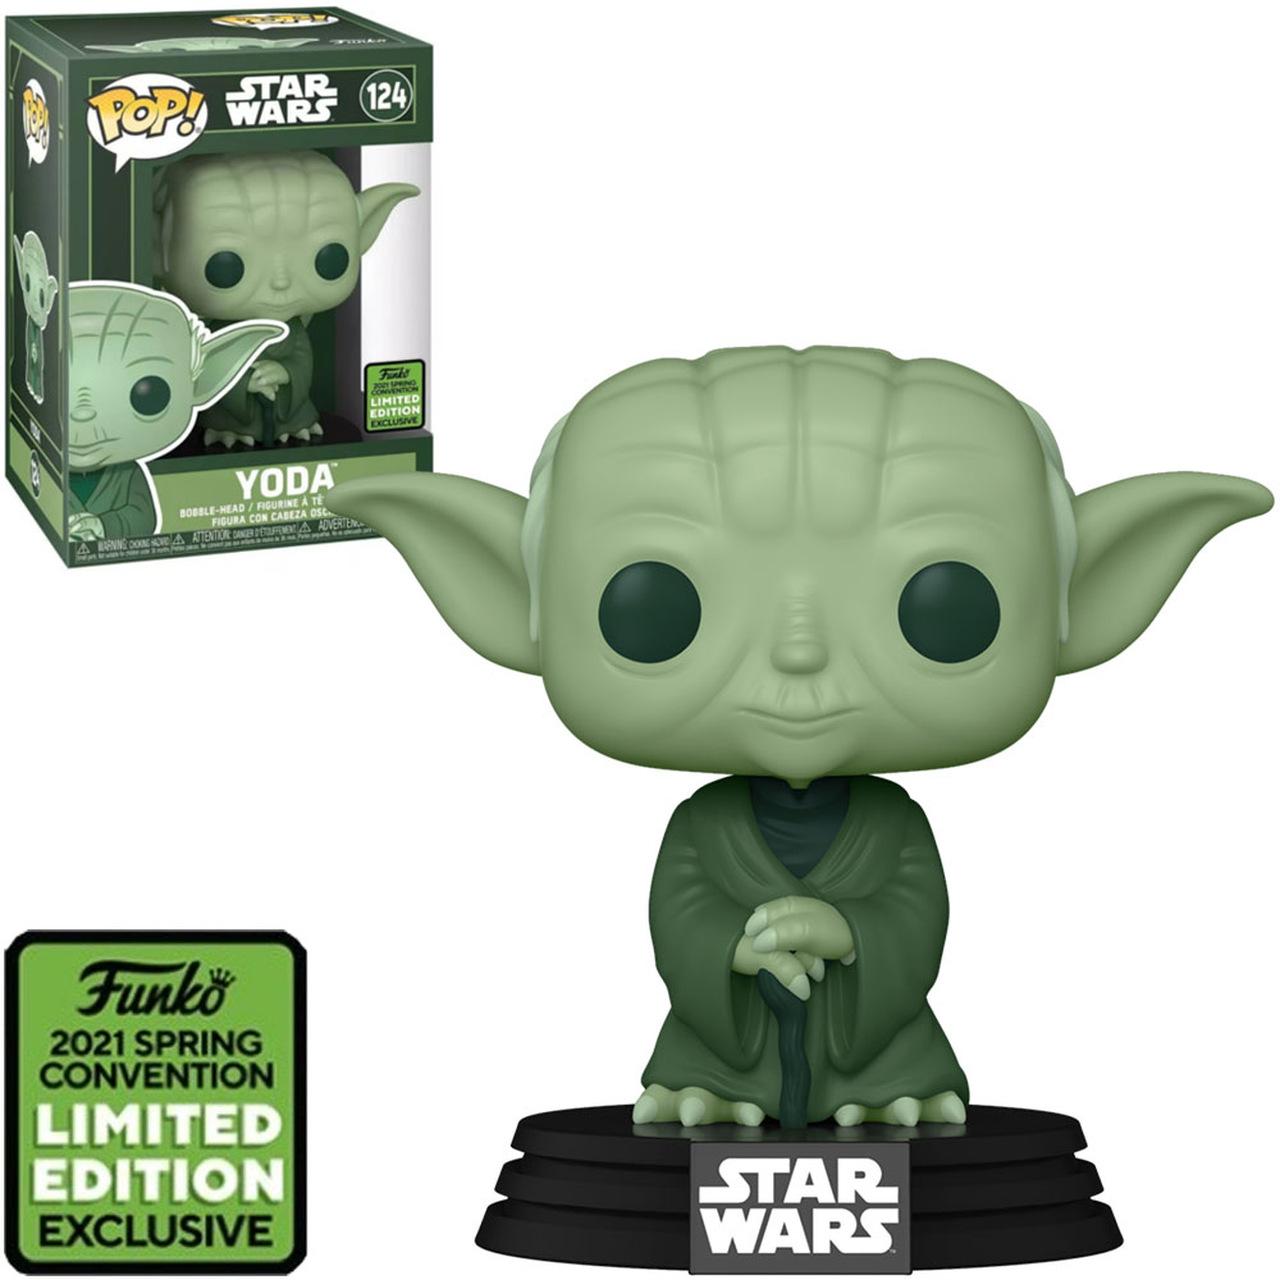 Funko Pop! Yoda: Star Wars Edição Limitada 2021 Convenção de Prima Vera - Spring Convention #124- Funko